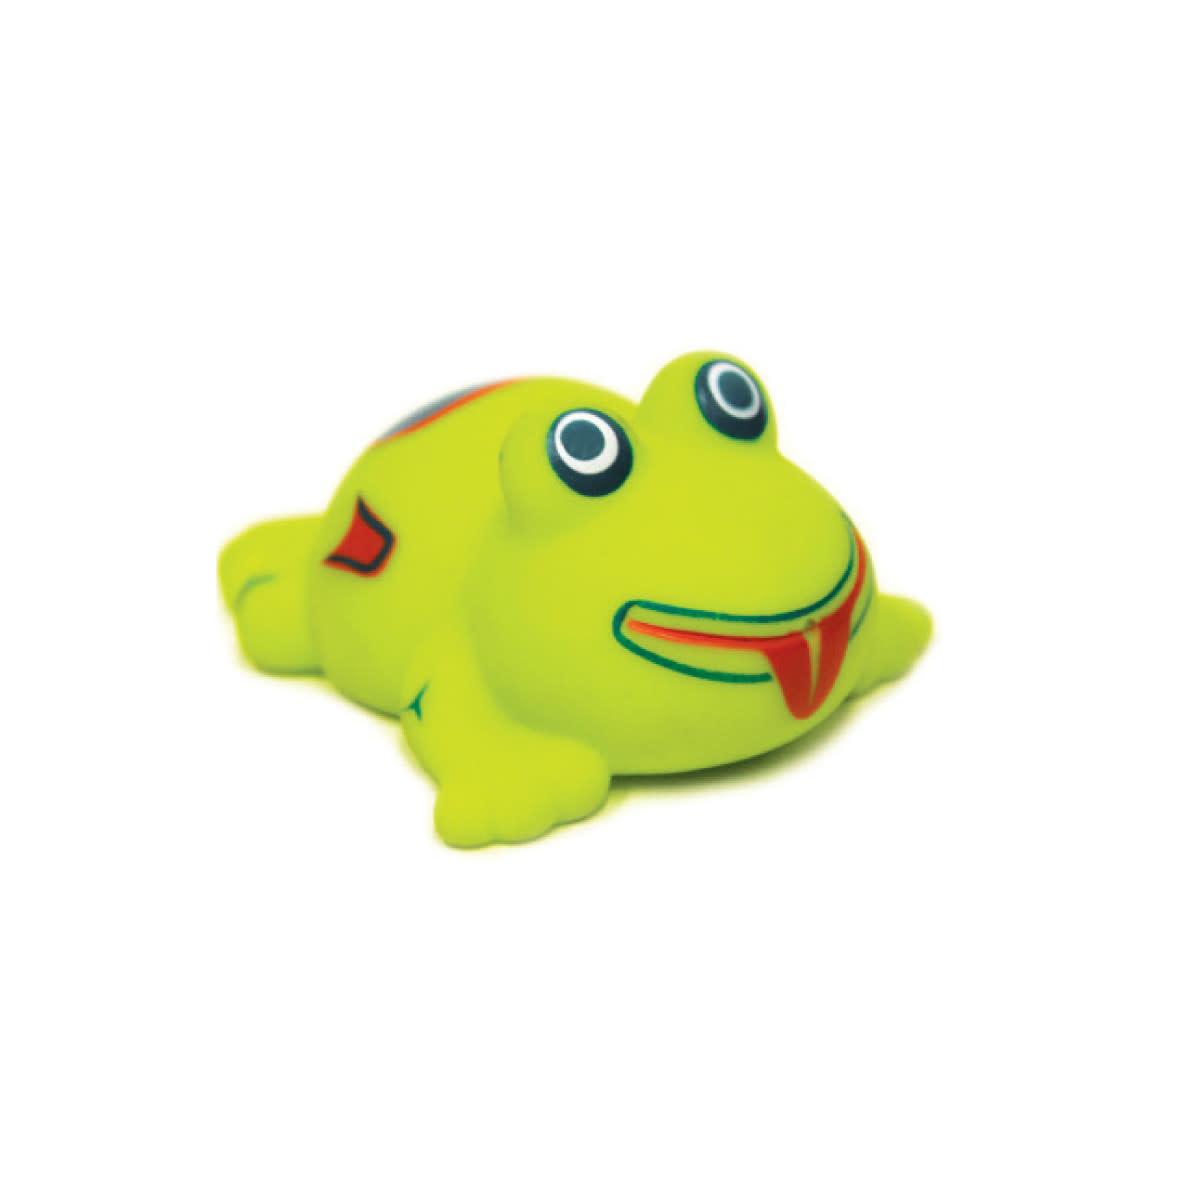 Children's Bath Toy-4